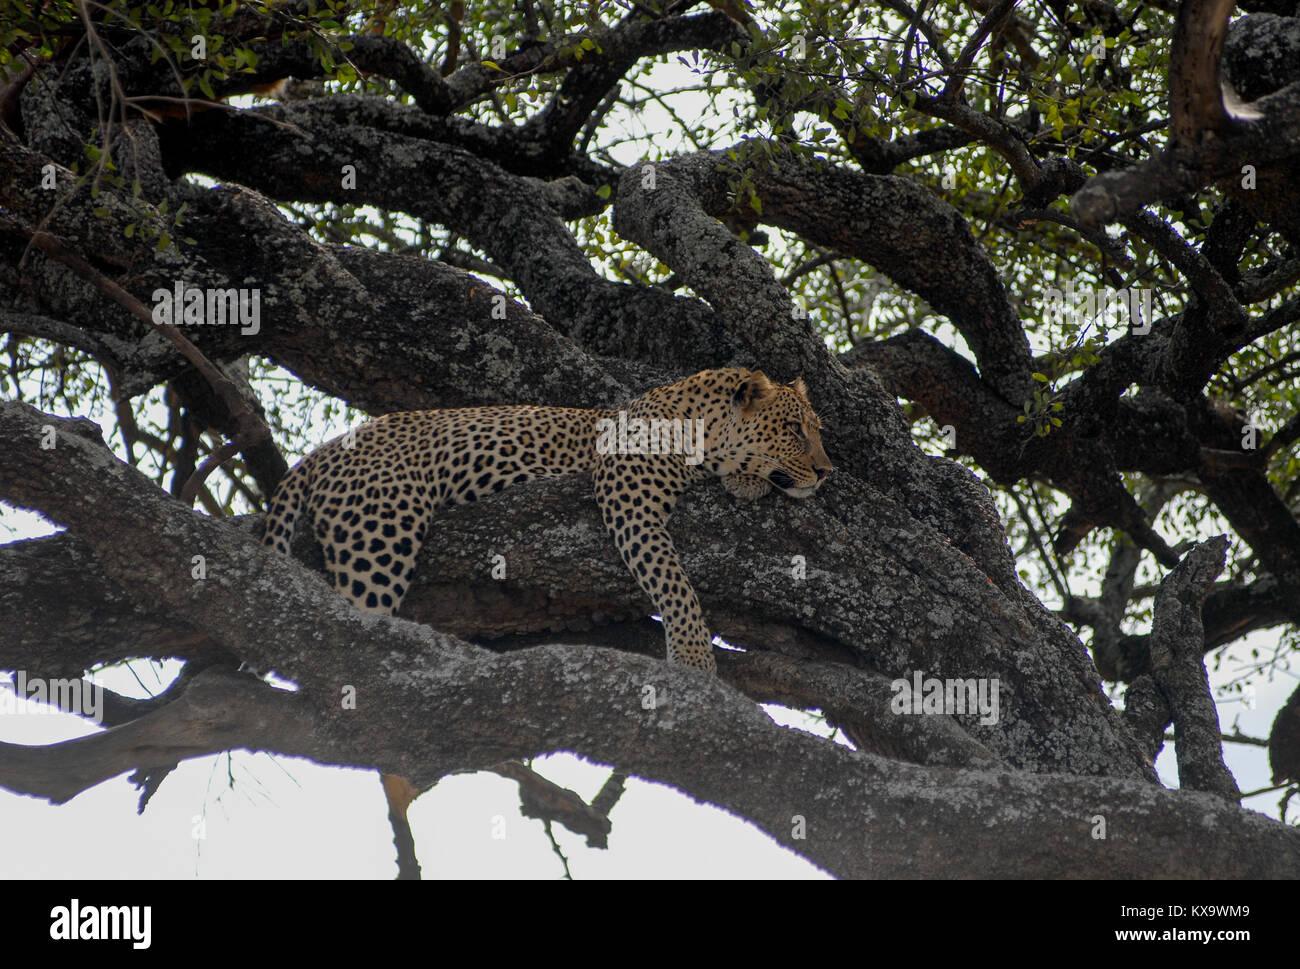 Tansania Serengeti Nationalpark in der Nähe von Arusha, schlafen Leopard/Tansania Serengeti Nationalpark bei Stockbild